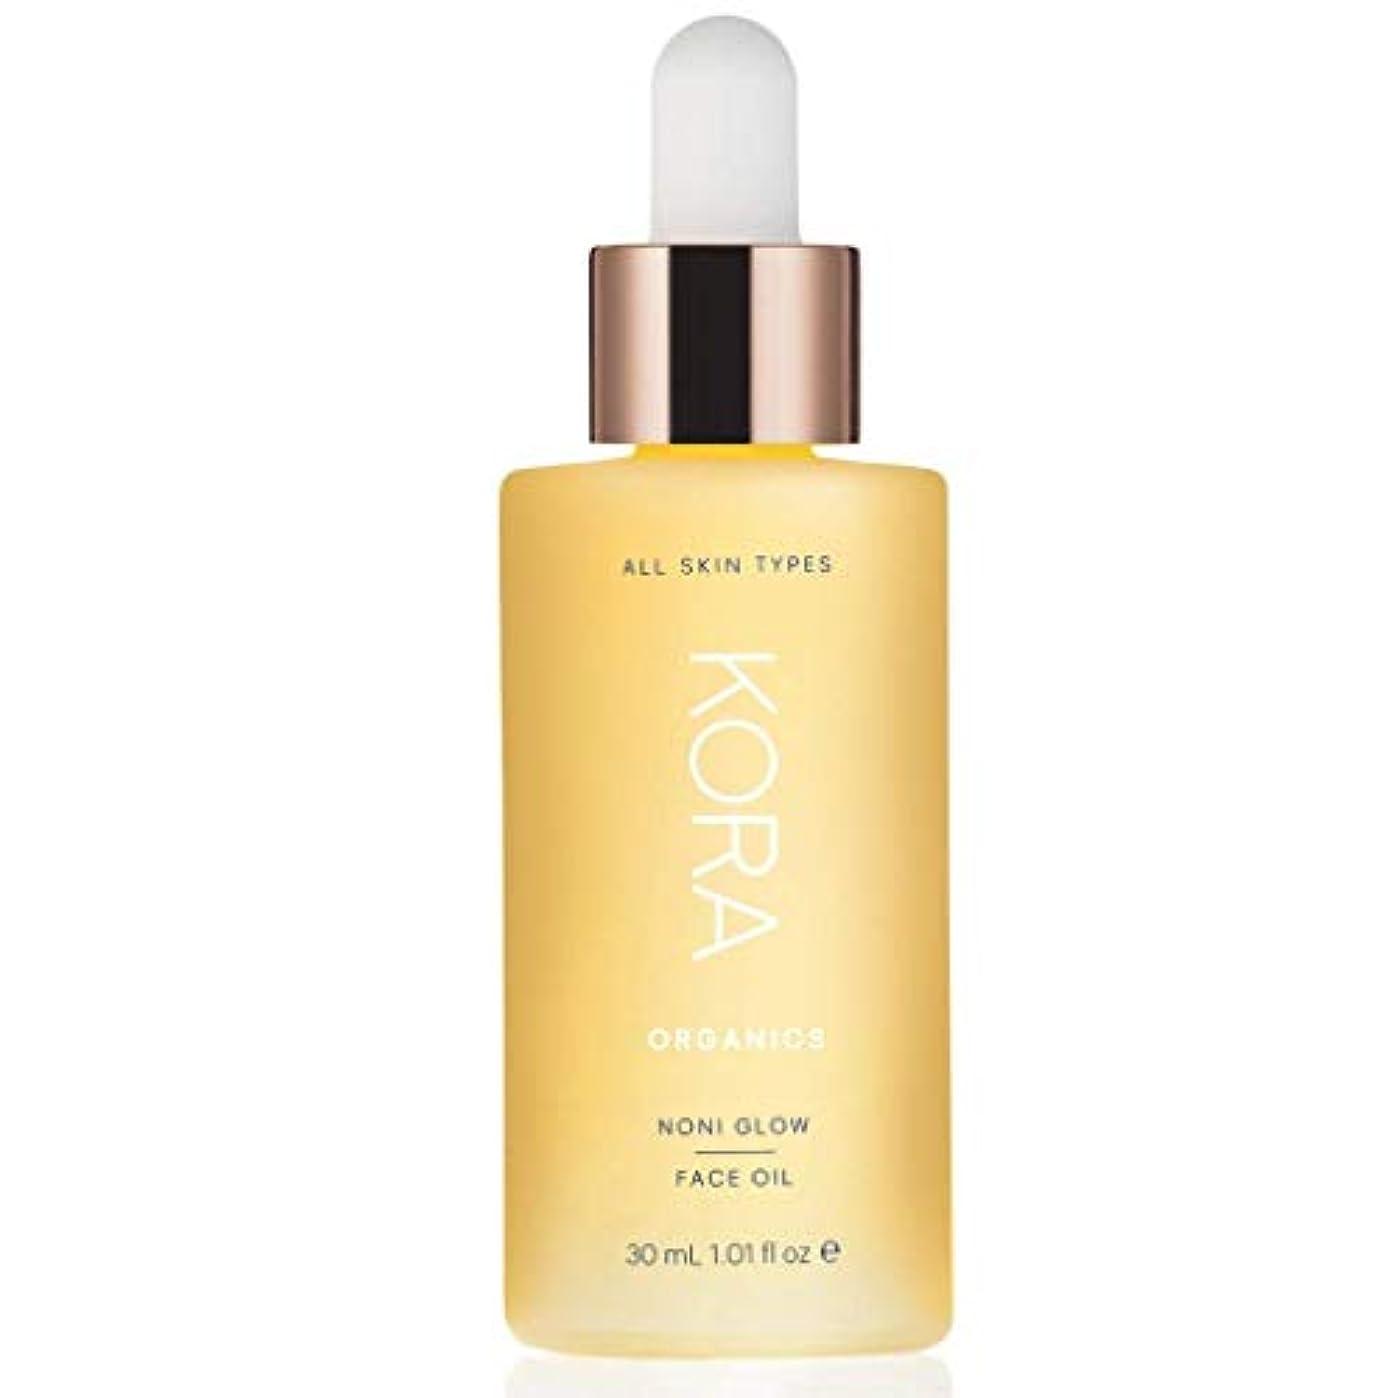 マスク暗唱する単位[Kora Organics]ノニ グロー フェイスオイル(フェイスマスク?保湿オイル)[Noni Glow Face Oil][海外直送品] (30ml)